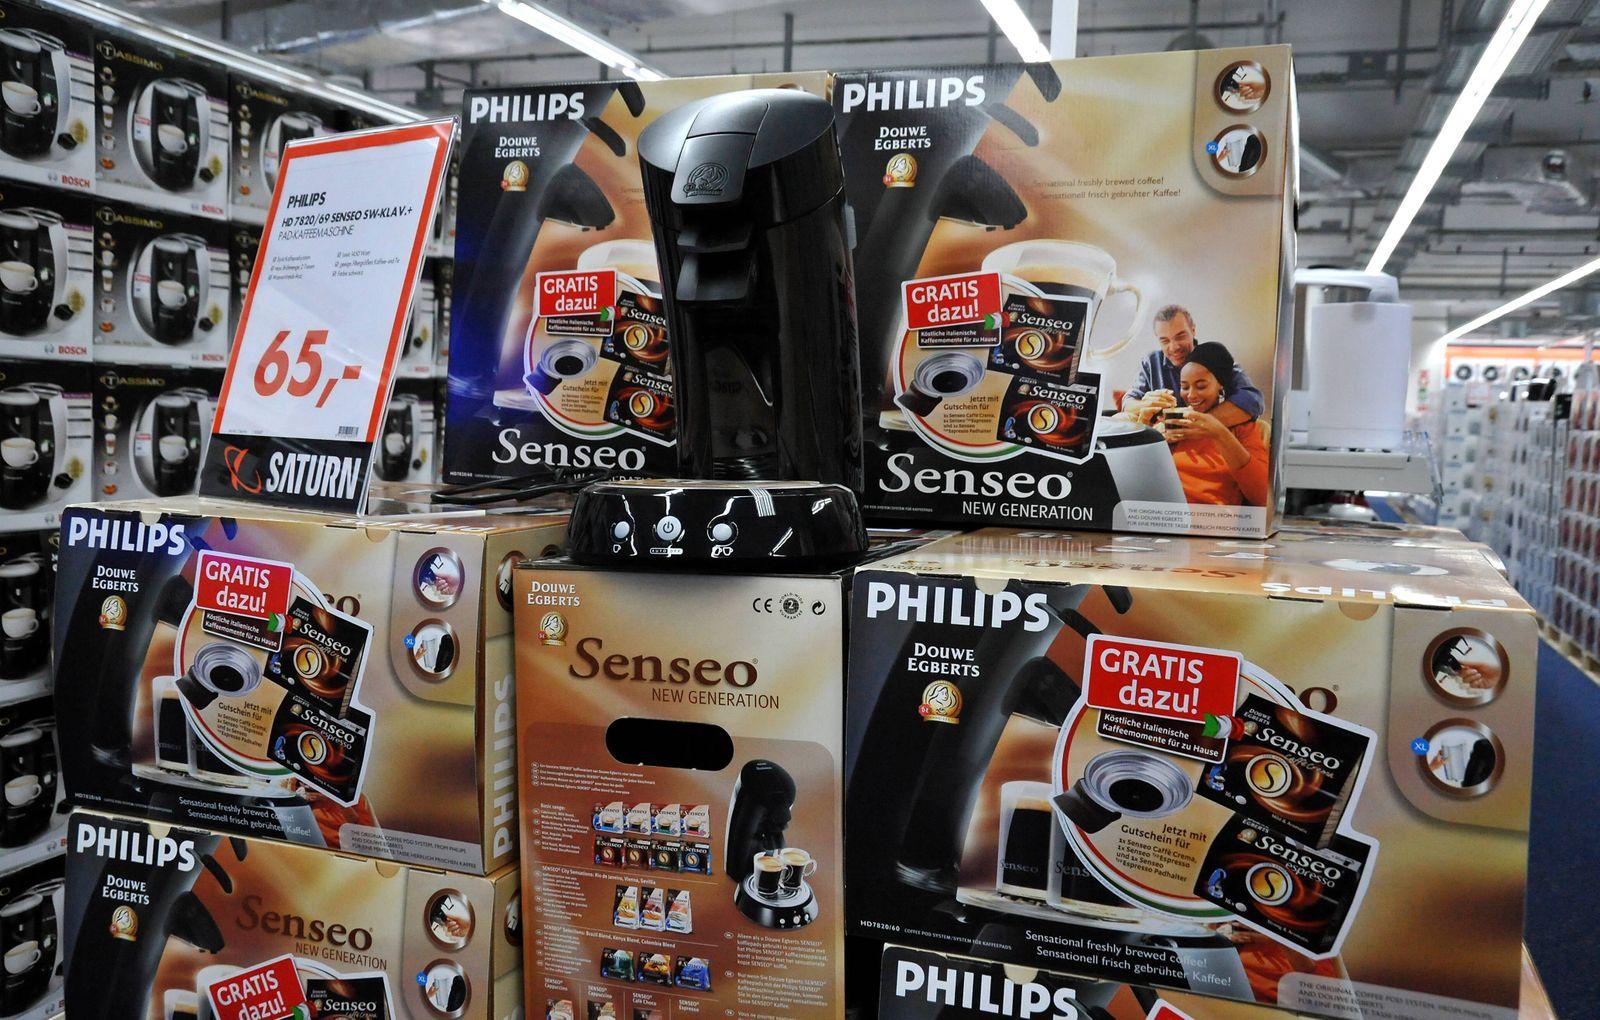 Philips Senseo Espressomaschinen w‰hrend der Neuerˆffnung der Saturn-Filiale am Alexanderplatz, Berlin